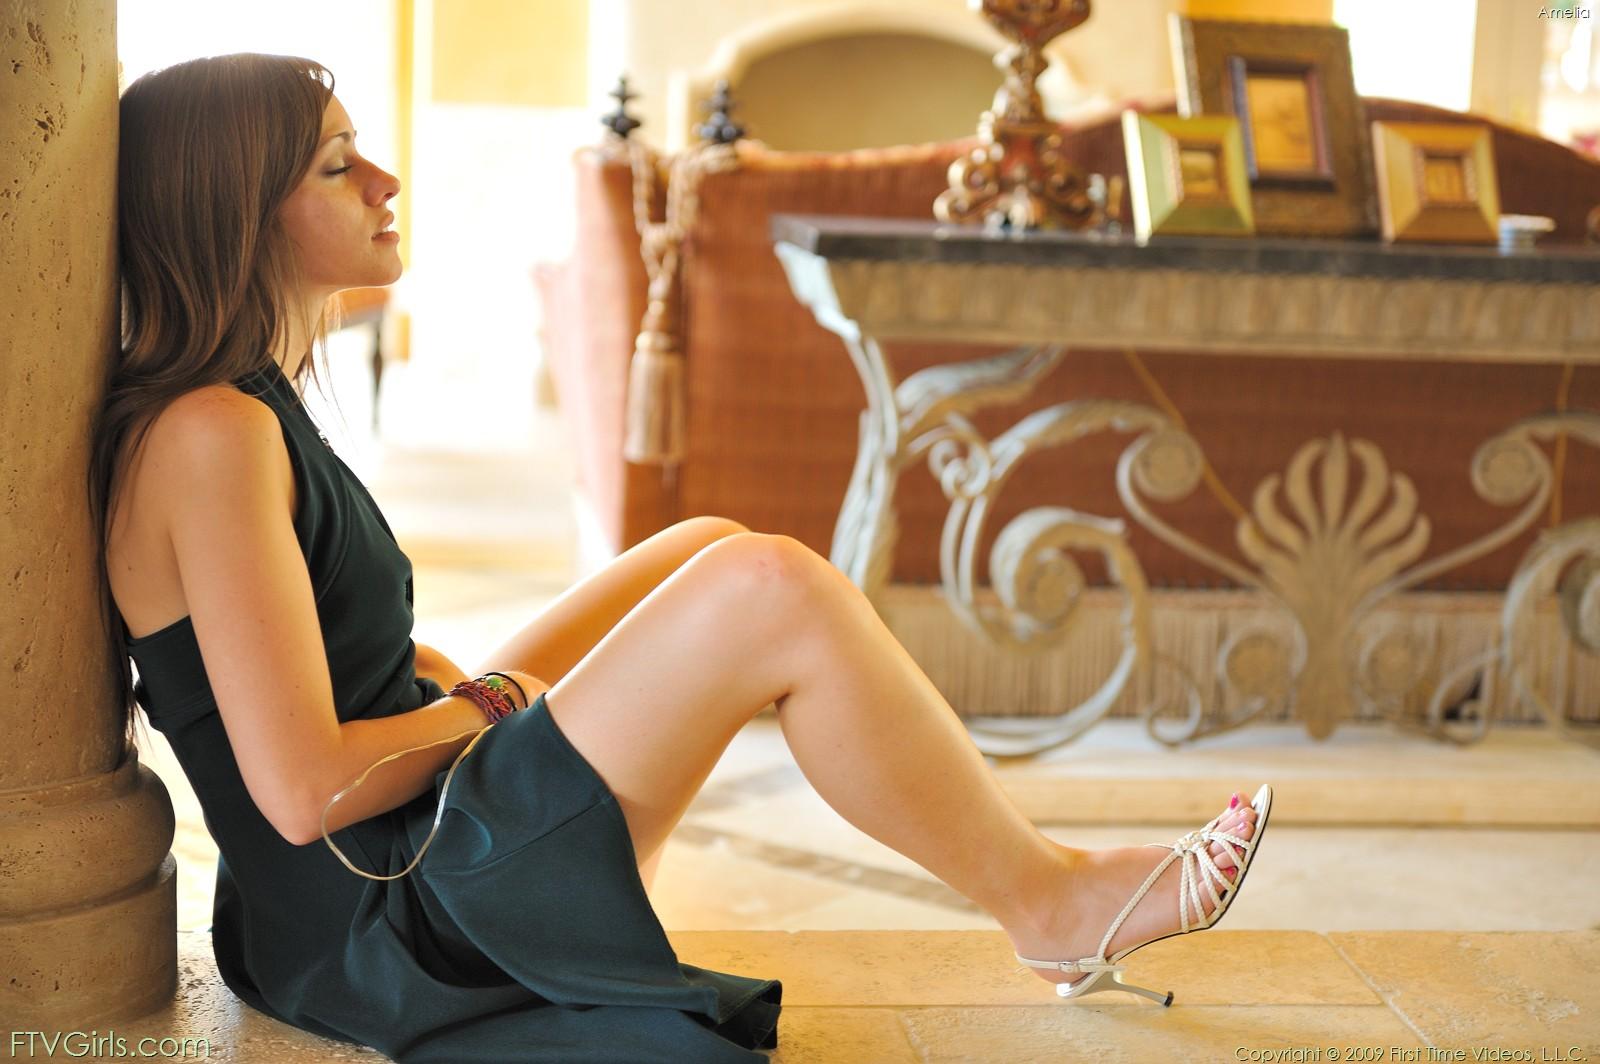 http://content9.novoglam.com/ftvgirls.com/6716/17.jpg